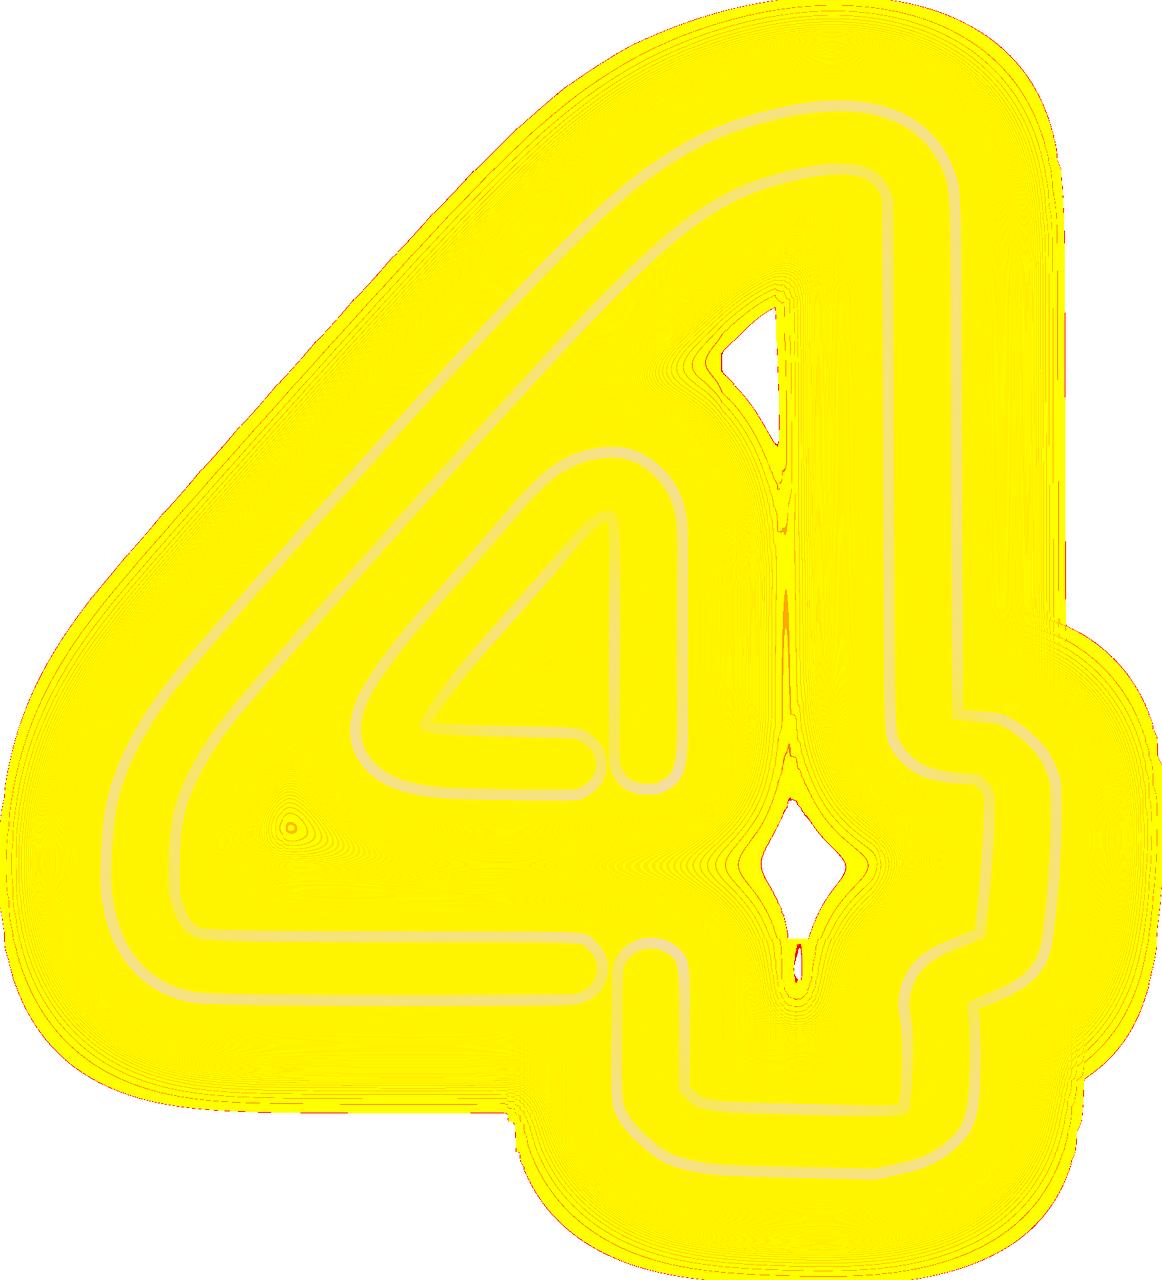 Прикольная картинка, картинки цифра 4 желтая